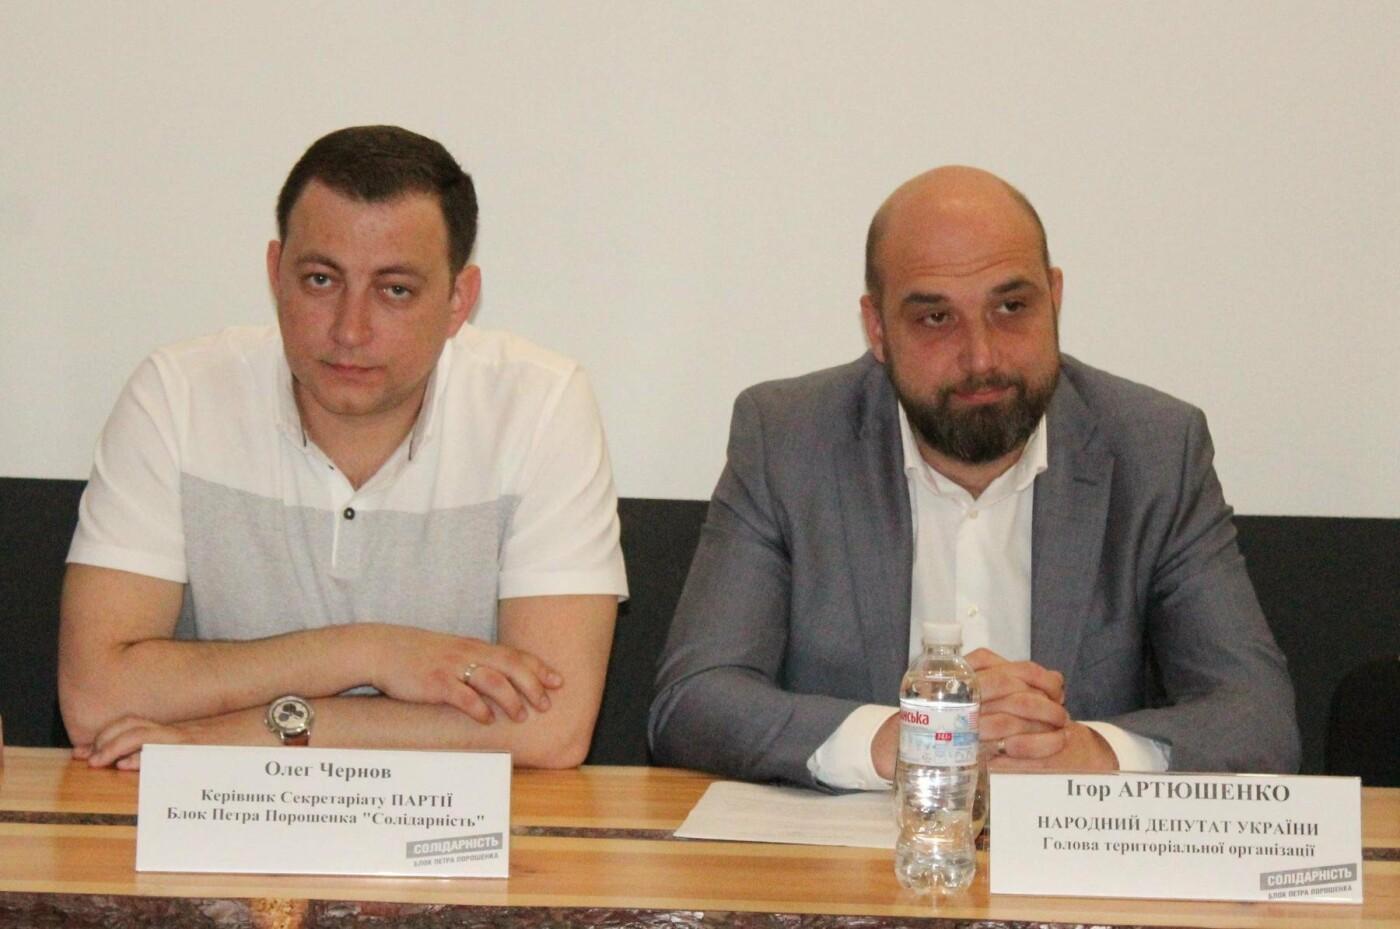 Жители области поддерживают реформы Президента - в БПП прокомментировали победу на выборах в ОТГ, фото-1